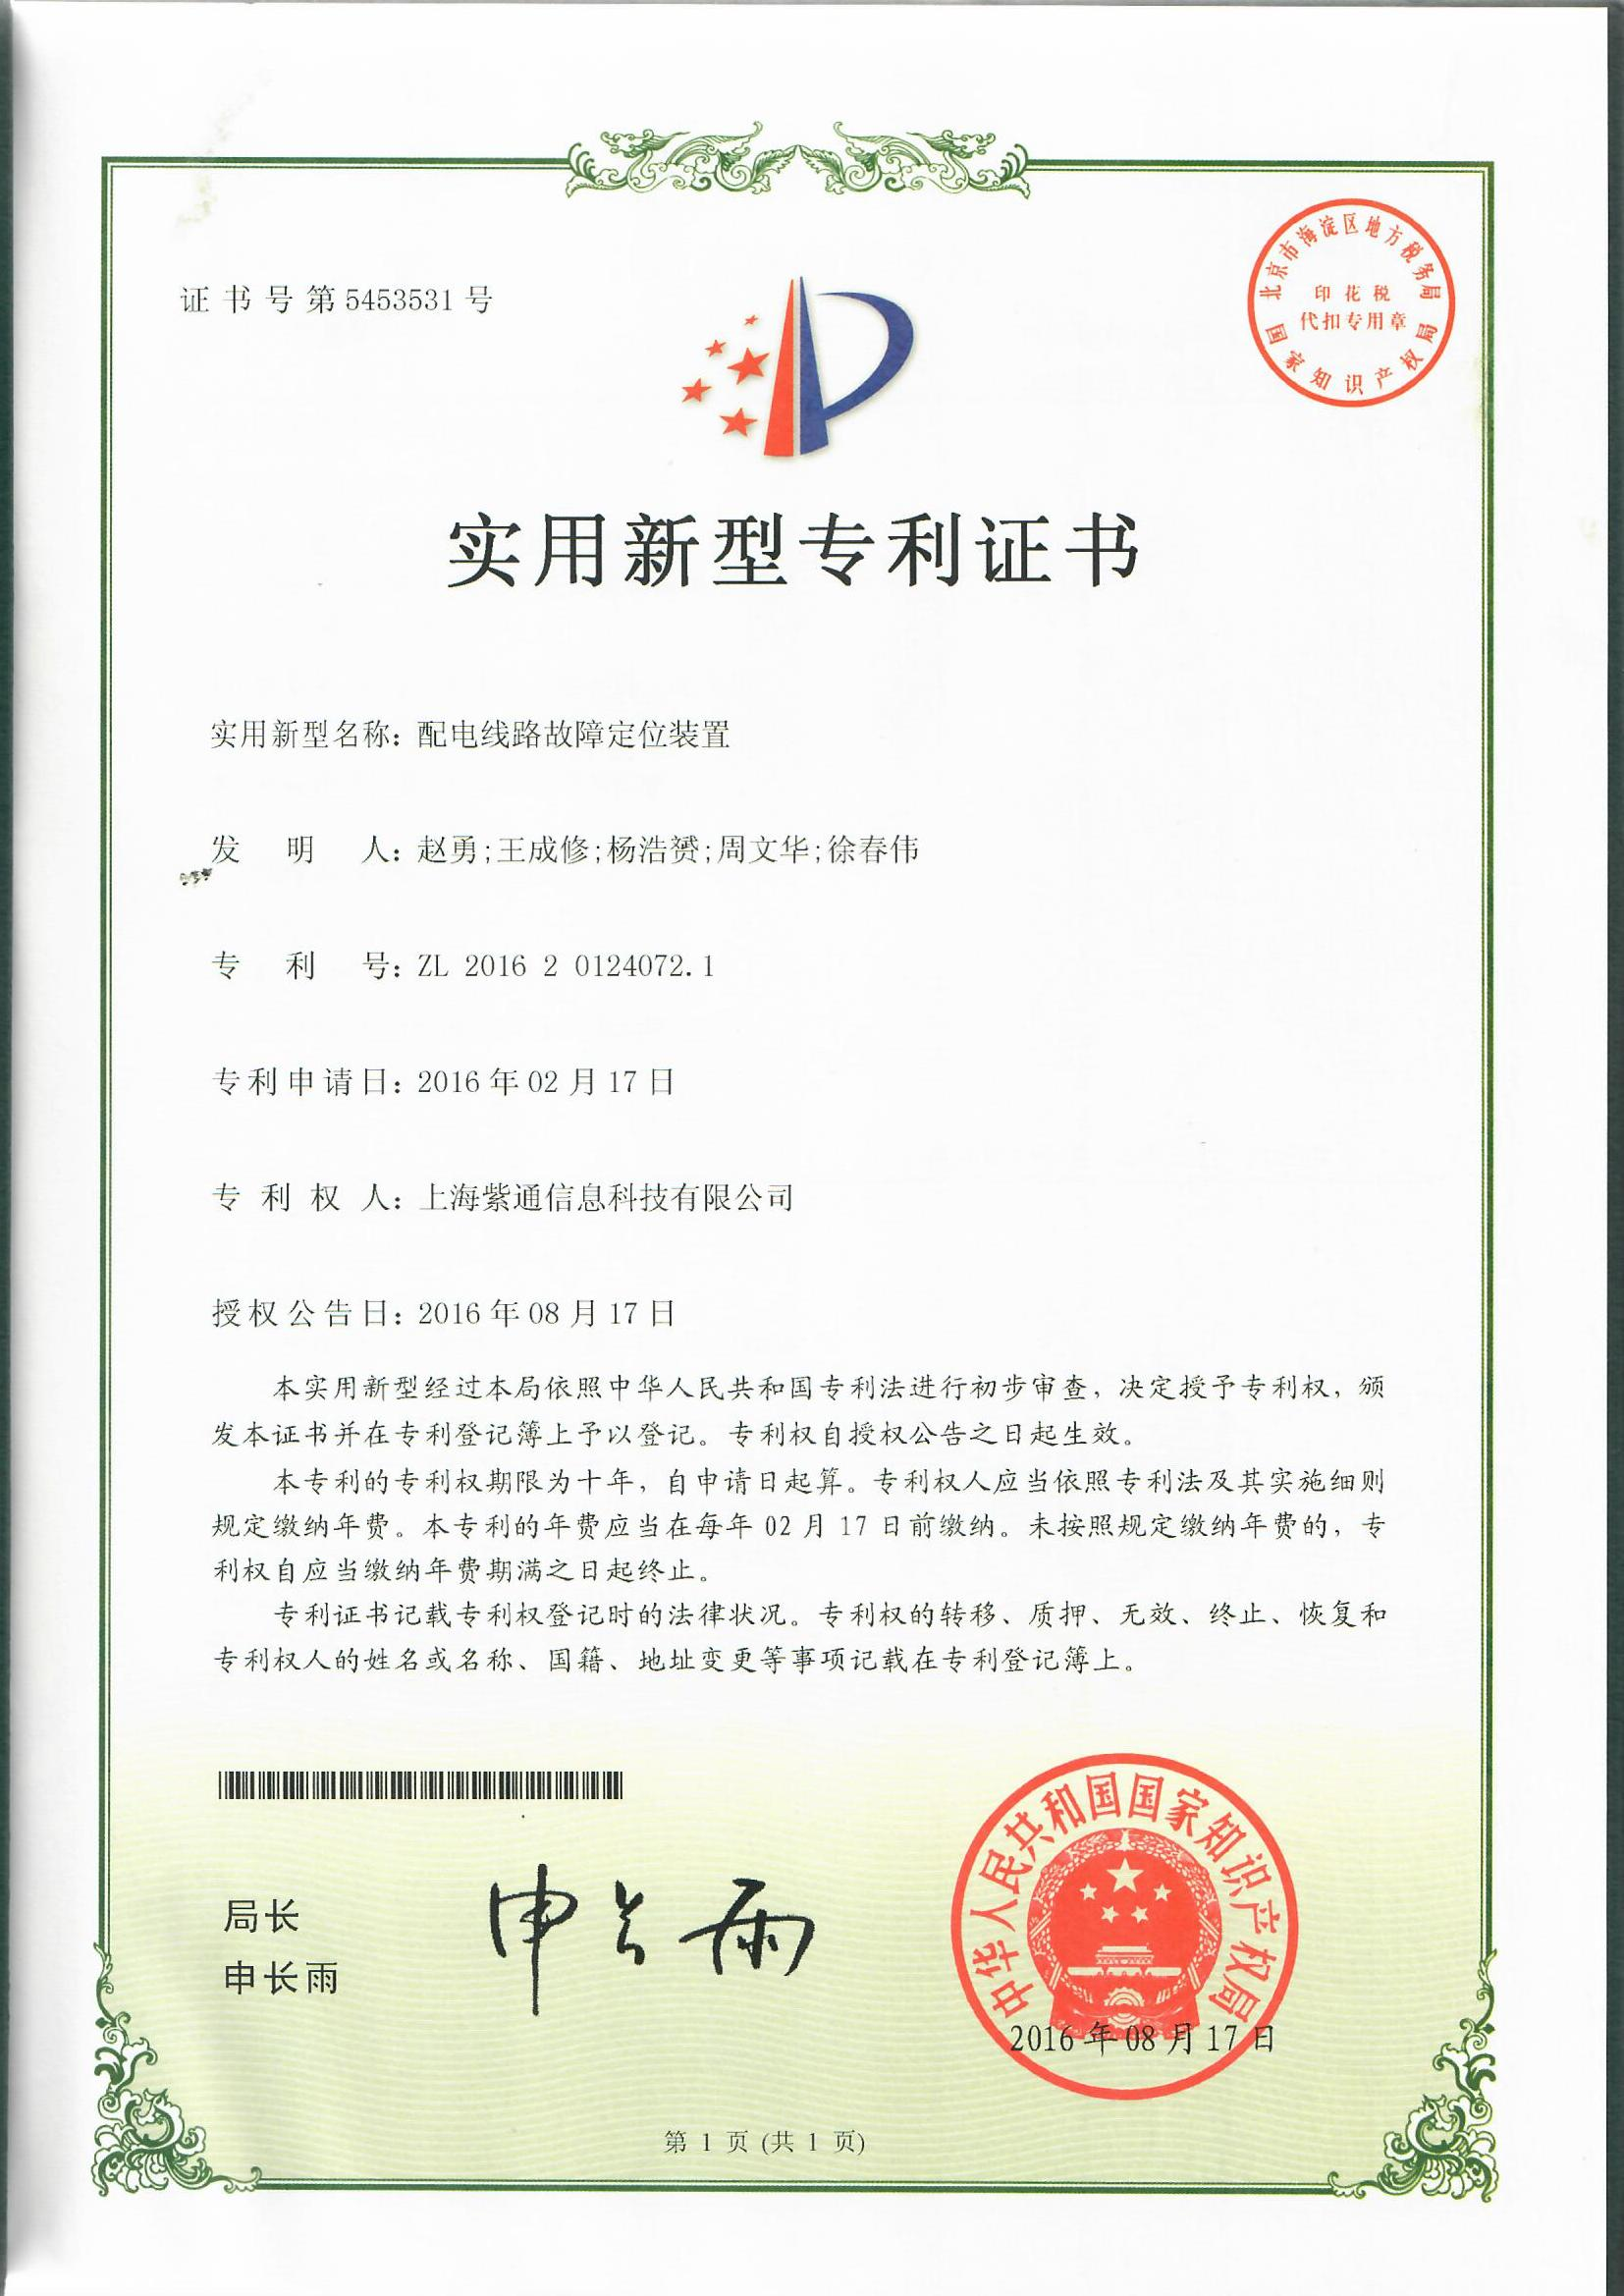 配电线路故障定位装置实用新型专利证书